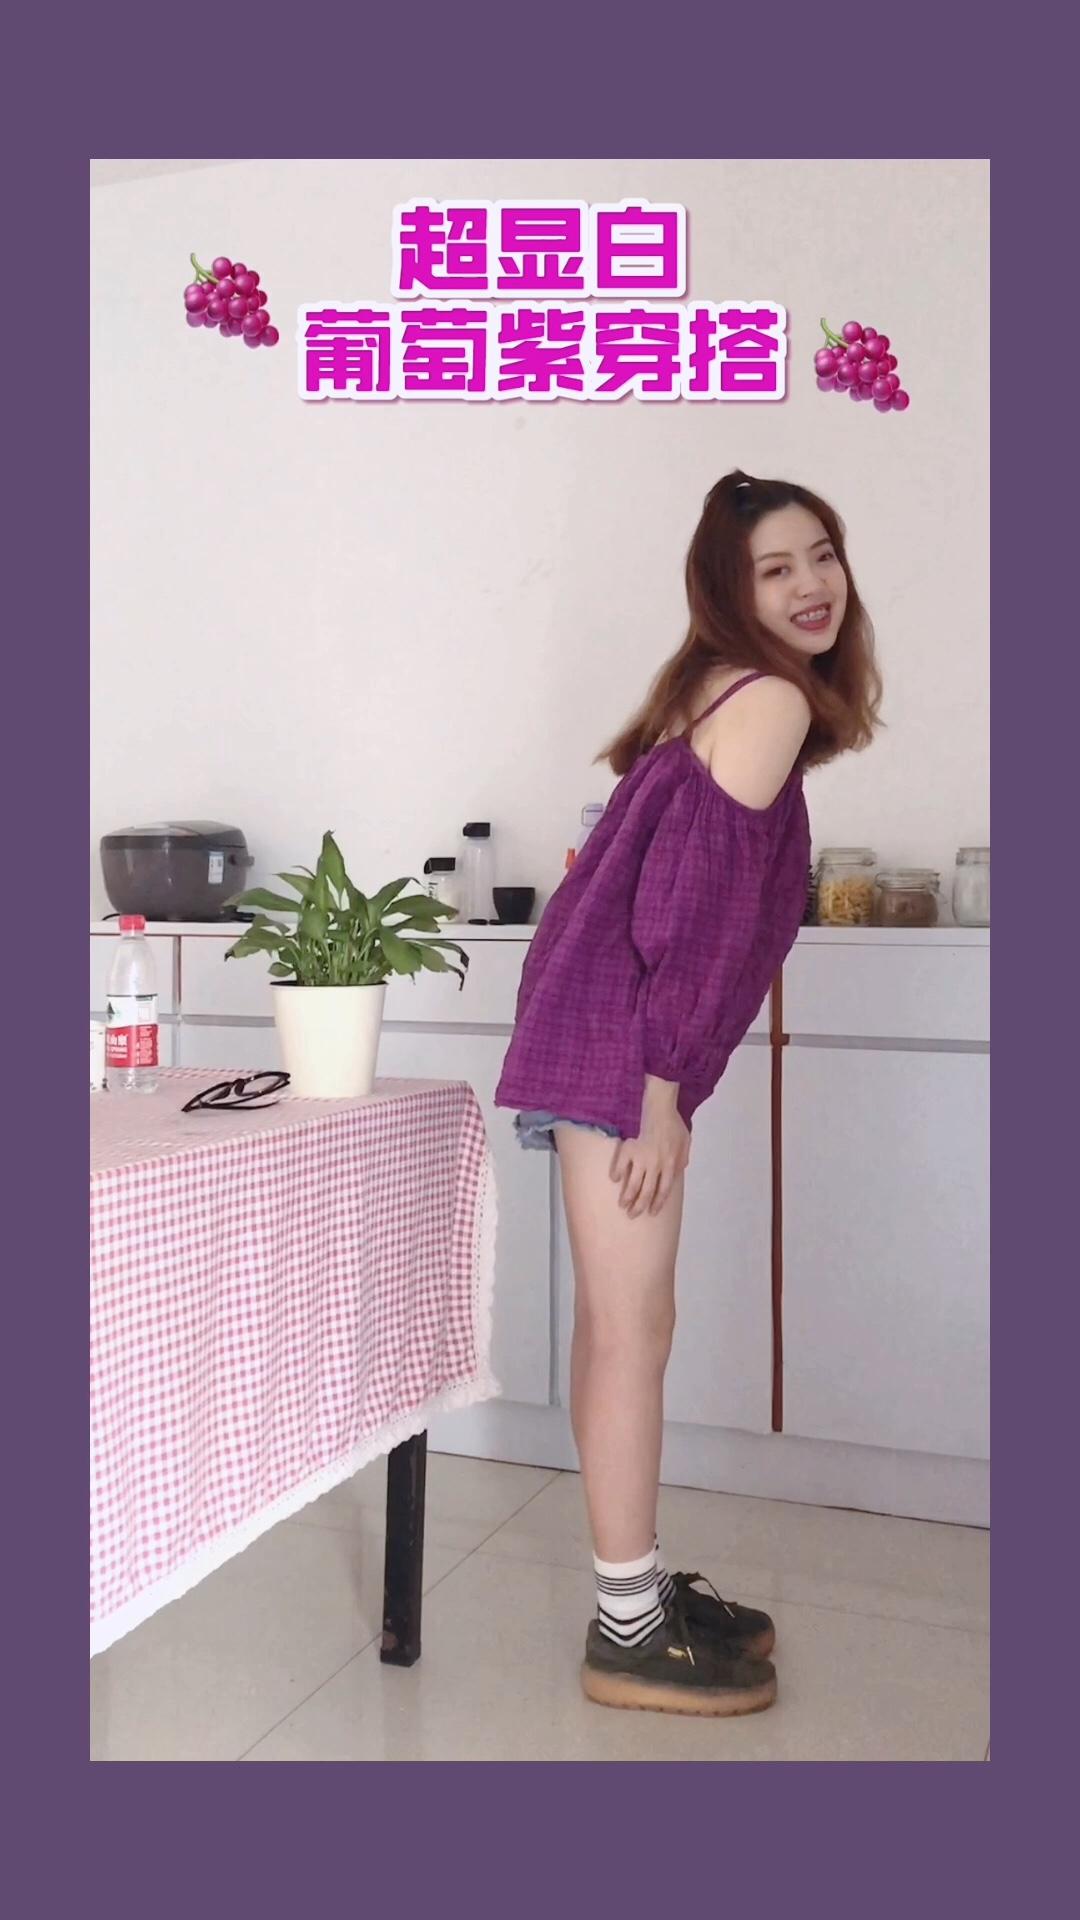 🍇阿lin的穿搭分享💕  最近我发现了一个新颜色,作为衣服上身真滴超级无敌显白呀!这个颜色就是葡萄紫~饱和度高的颜色就是会达到显白的效果,洋气好看。露肩的设计有一丢丢的小性感,但整体版型又不失少女风格,太喜欢这件衣服啦!夏天也可以穿,是透气的麻料哦! #轻熟小性感,约会强助攻!#